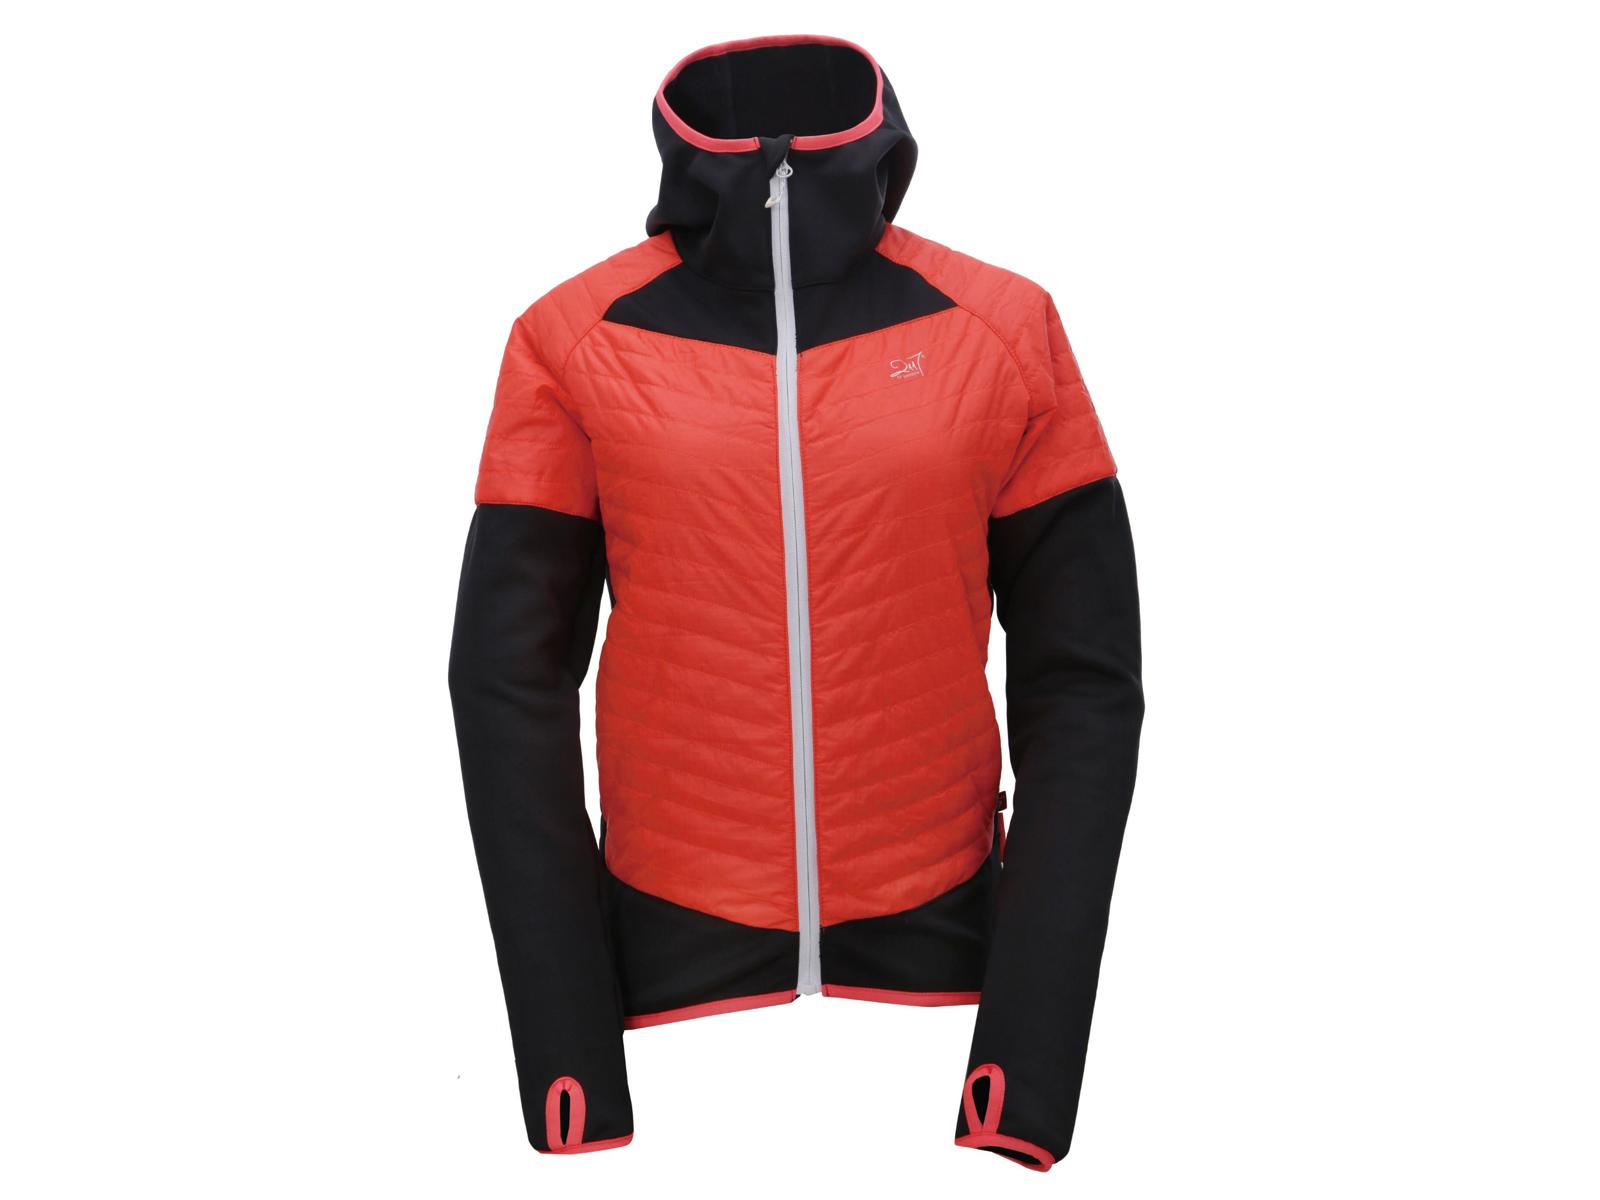 2117 Of Sweden Blixbo Eco Jacket Hybrid jakke Dame Orangesort (DKK 299,00)